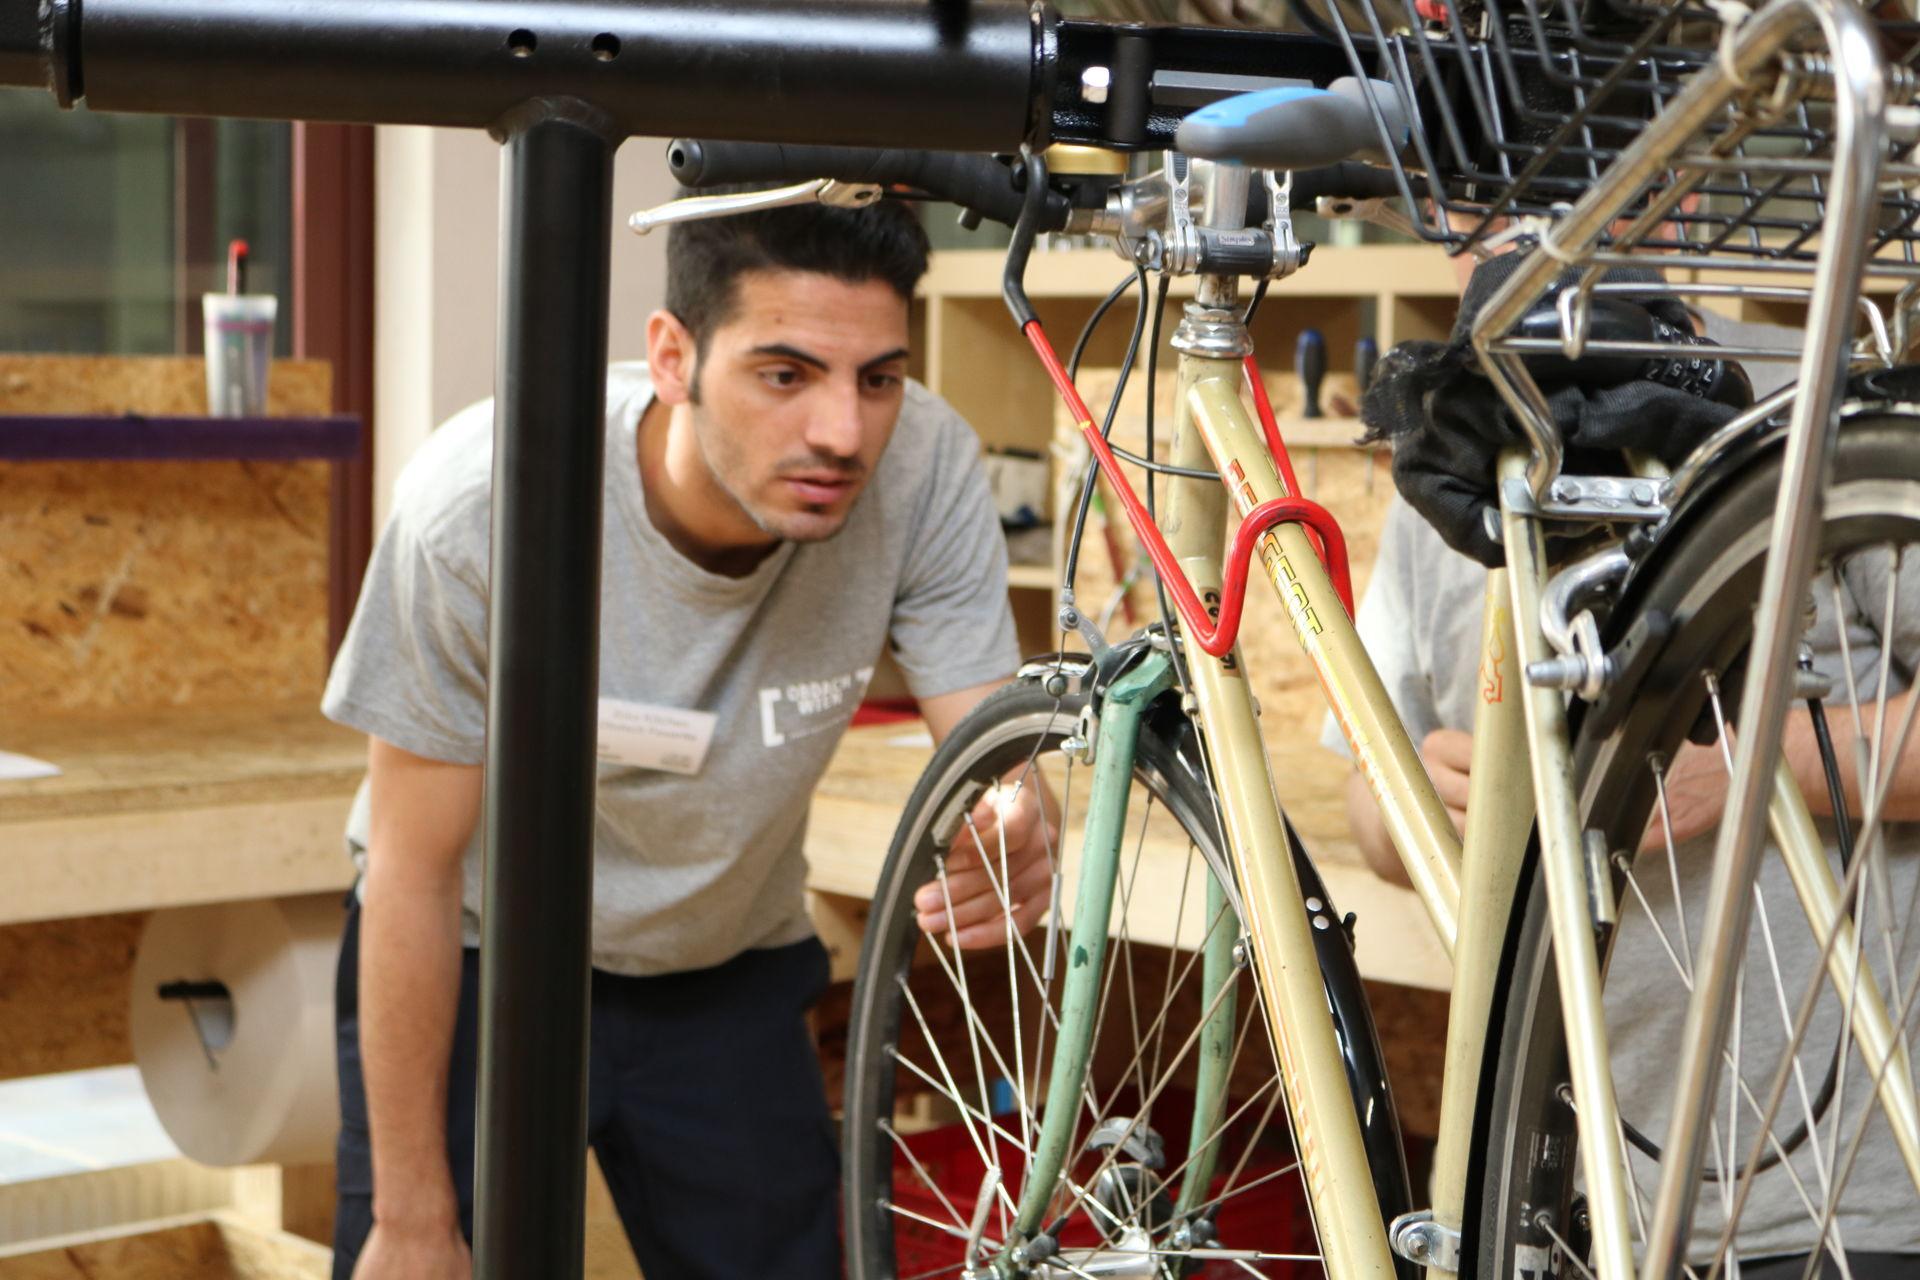 Pressefotos Bike Kitchen Favorita Obdach Wien